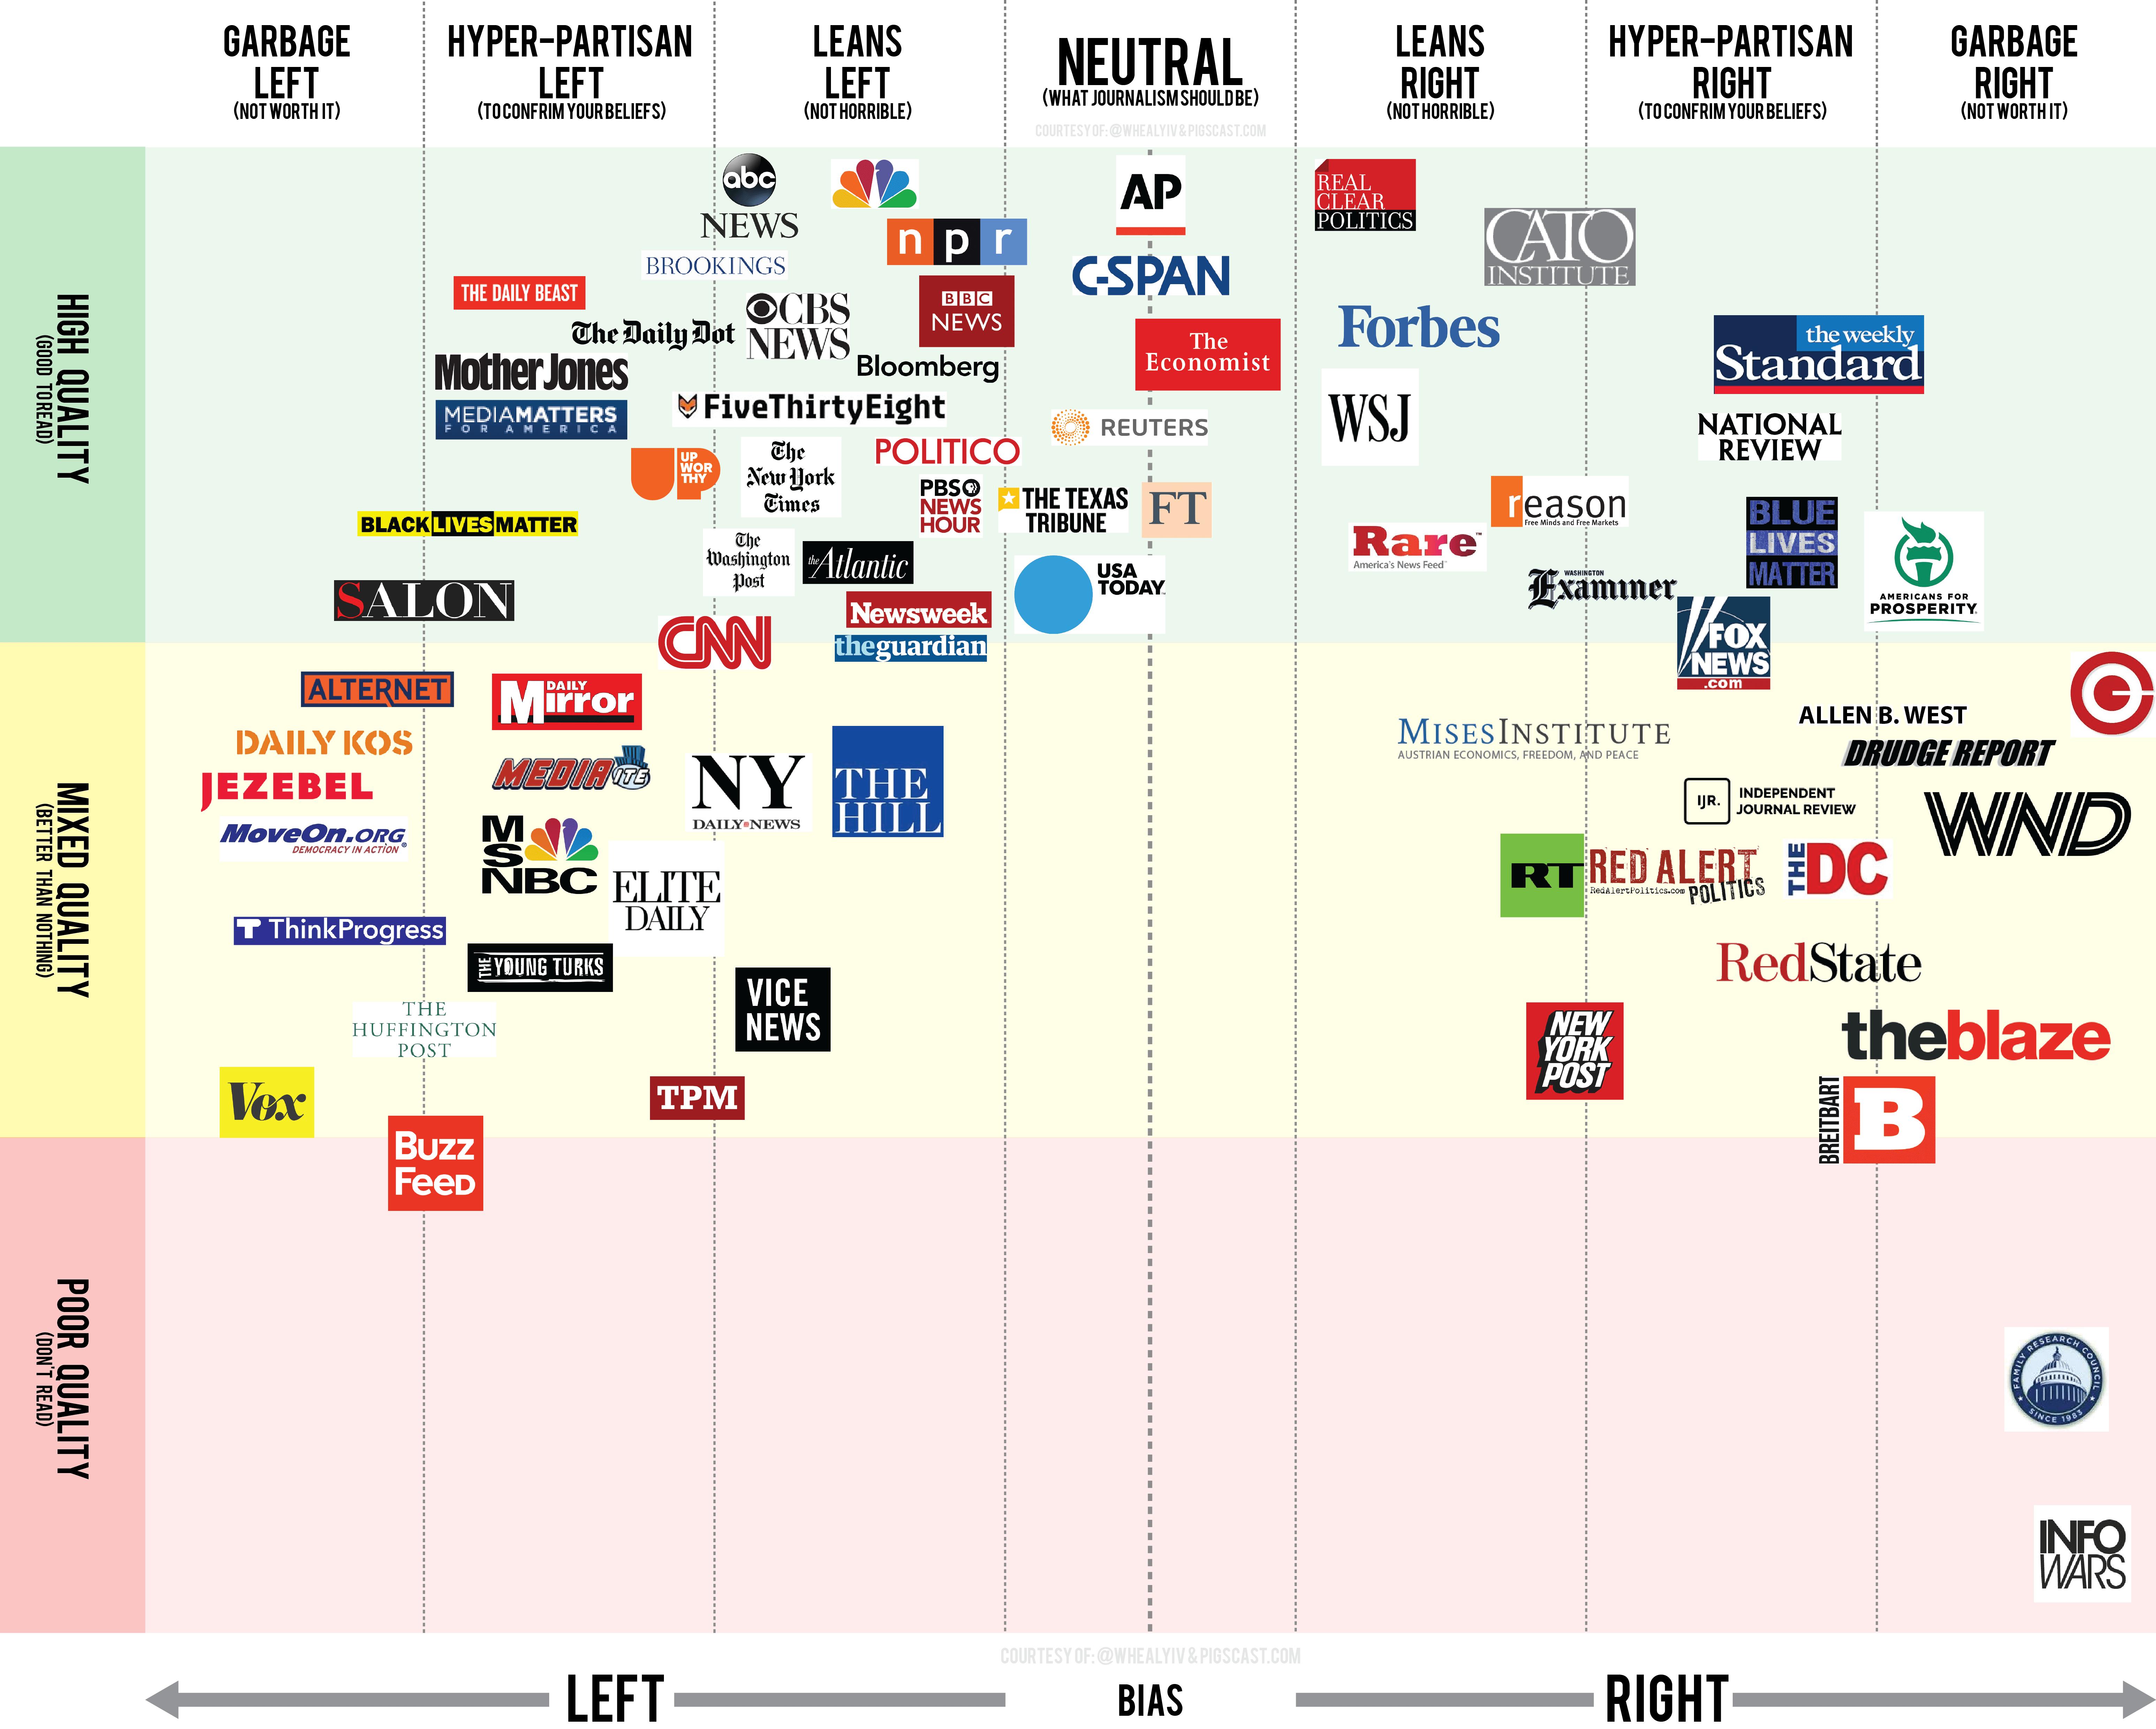 Вот интересный график по прессе, качеству и наклонностямNews